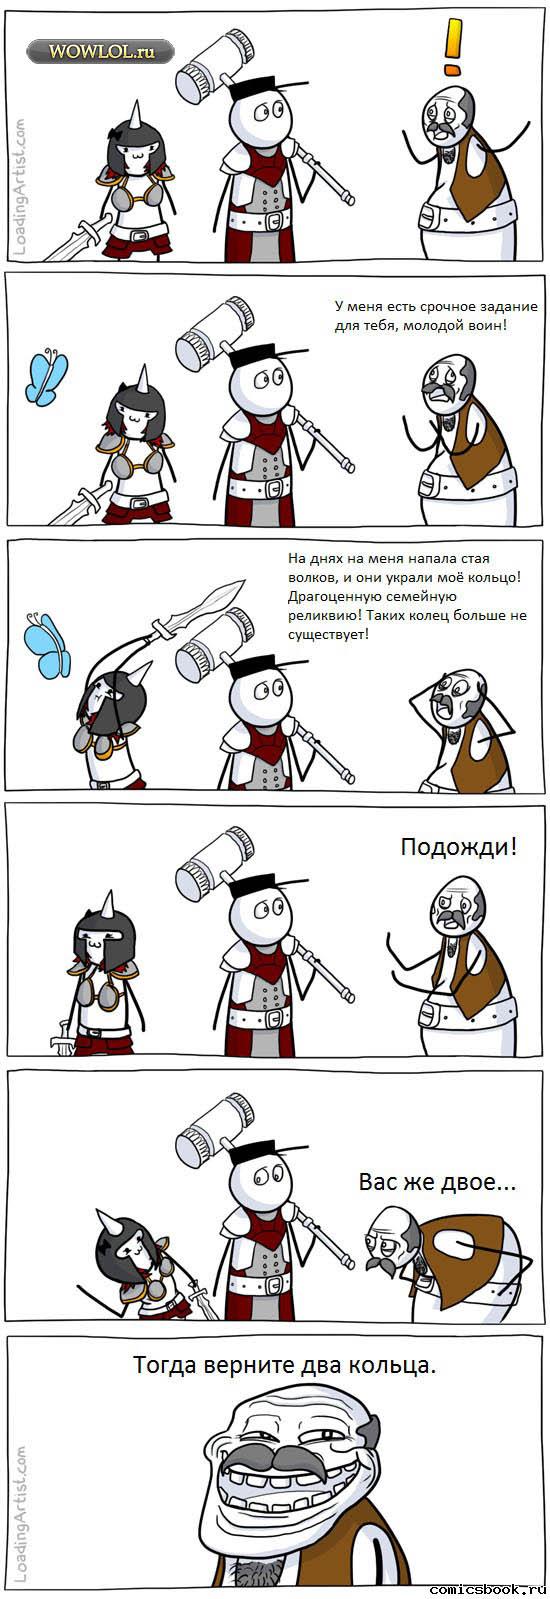 Квестгивер